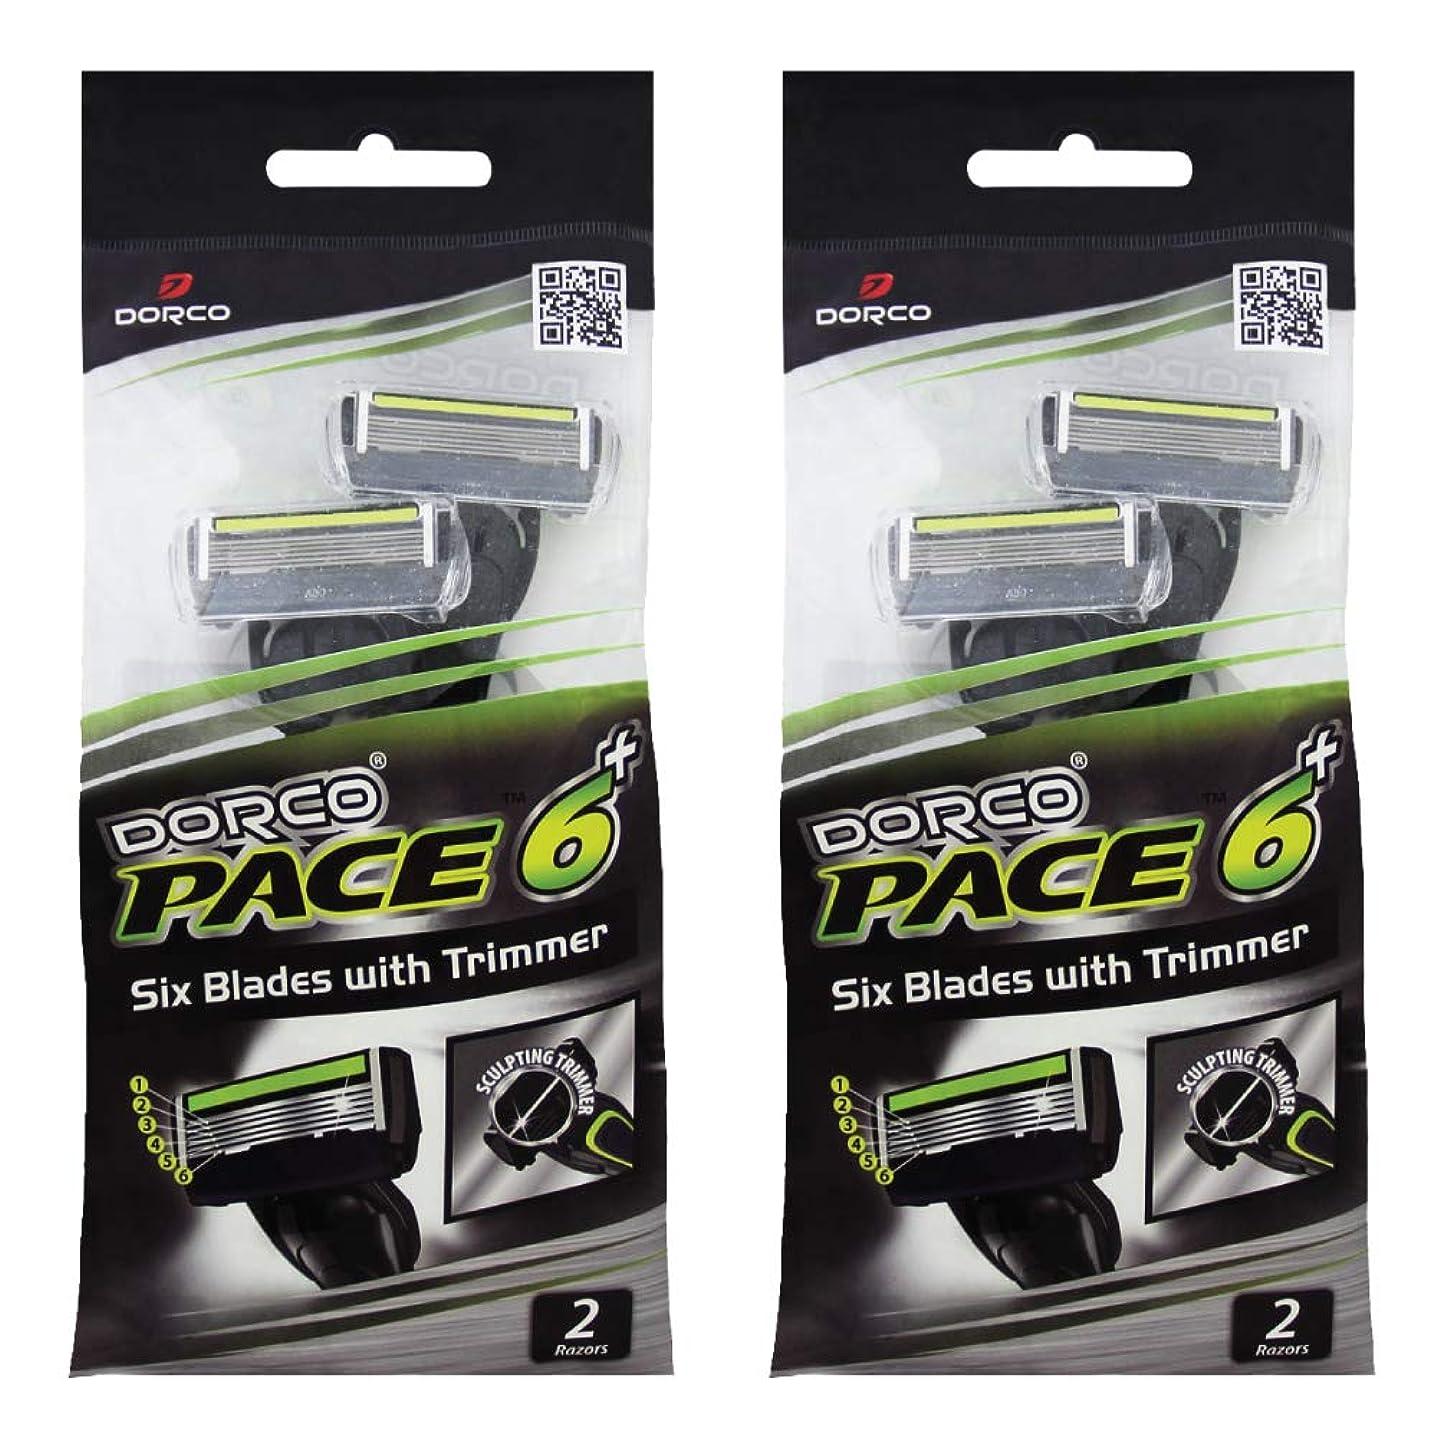 取り消すプログレッシブ一定ドルコ Pace6 Plus 枚刃カミソリ トリマー付き:Dorco メンズT字シェーバー4本入り、使い捨て、肌に優しい深剃り [並行輸入品]